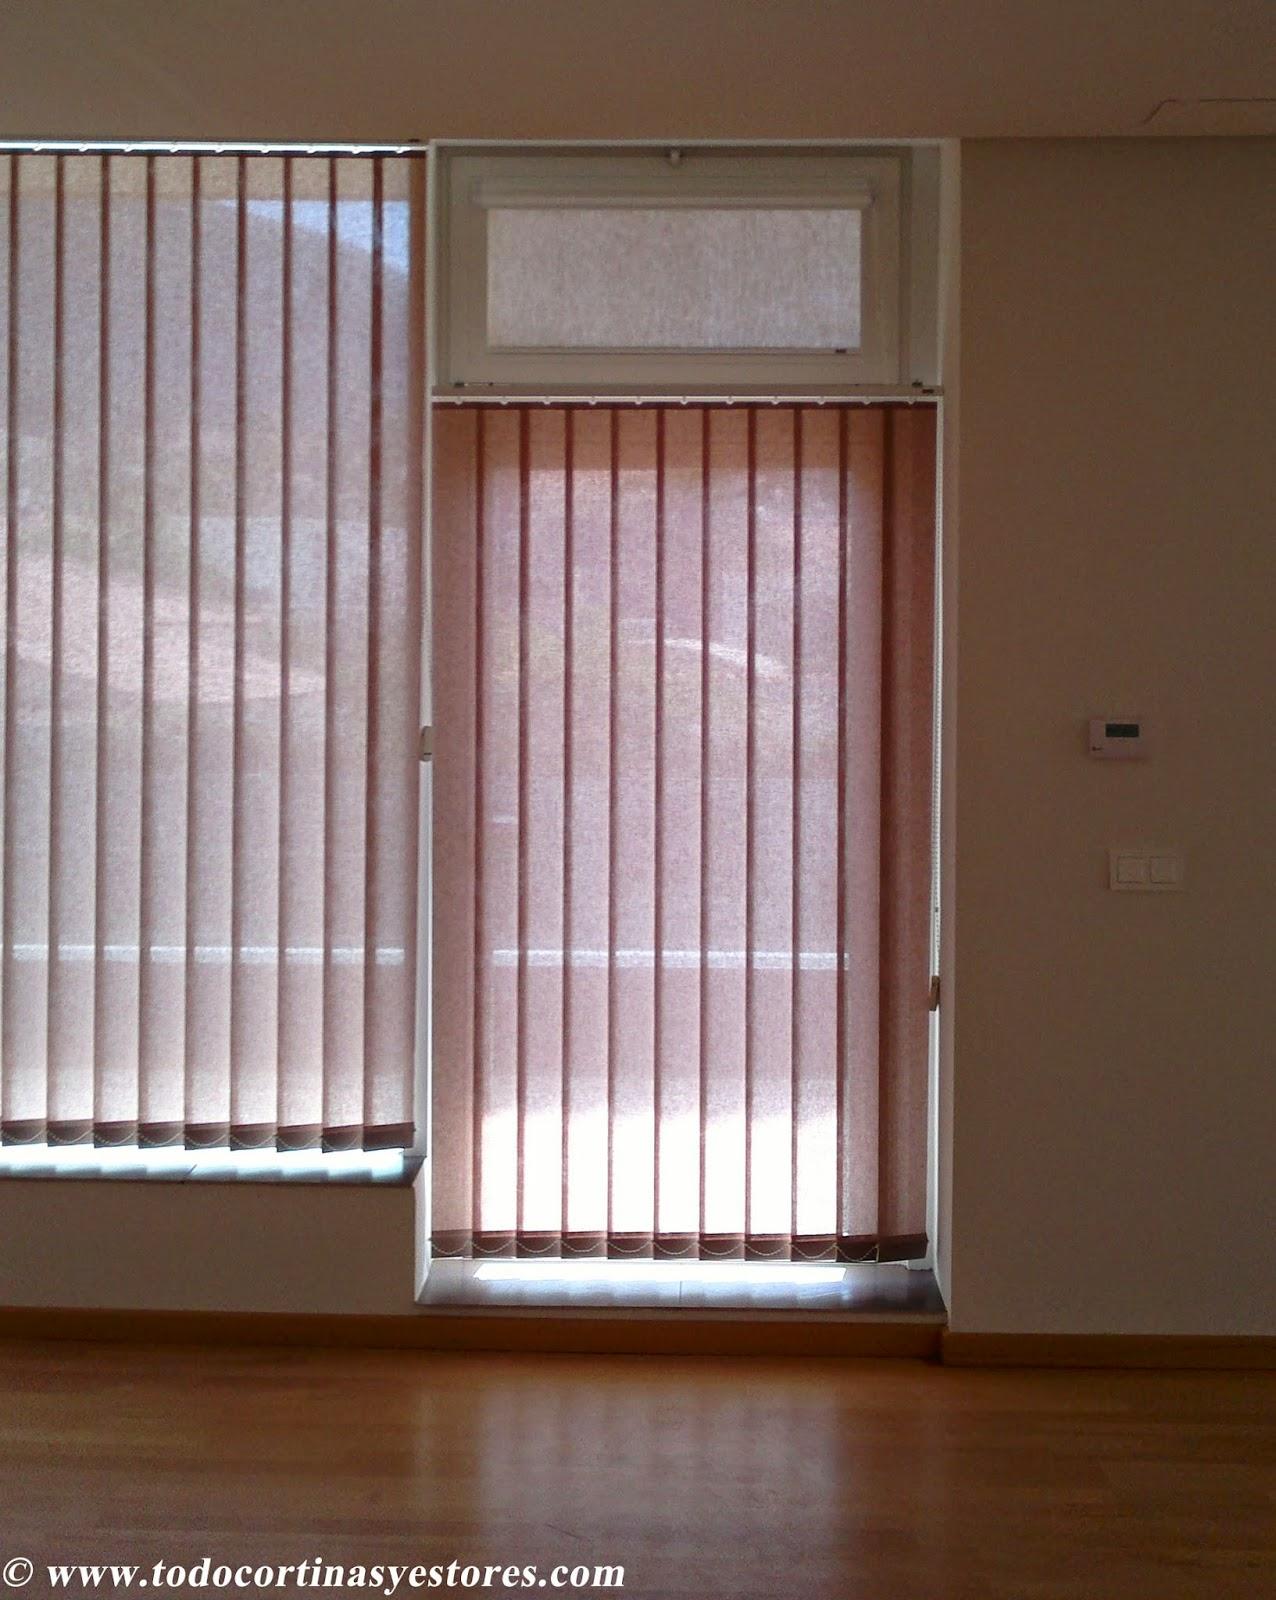 Decoracion interior cortinas verticales estores - Cortinas estores ...